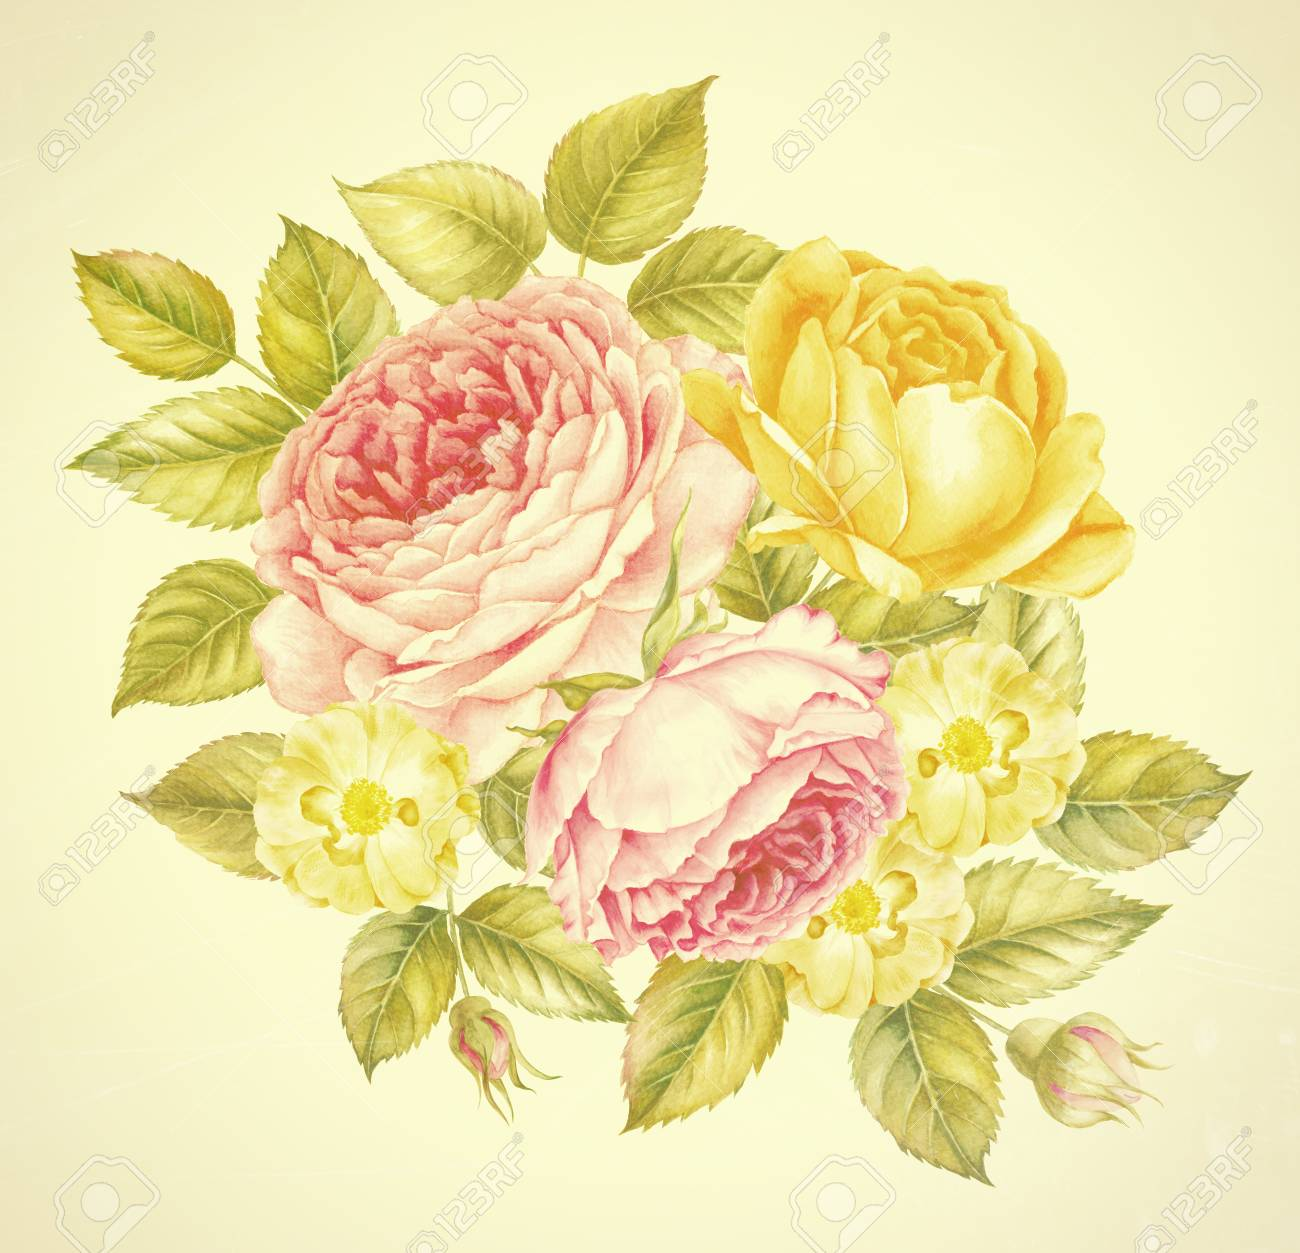 Ramo De Flores De Rosas Ilustración Botánica De La Acuarela Del Vintage Tarjeta De Invitación Para La Boda Cumpleaños Y Otras Vacaciones Y Fondo De